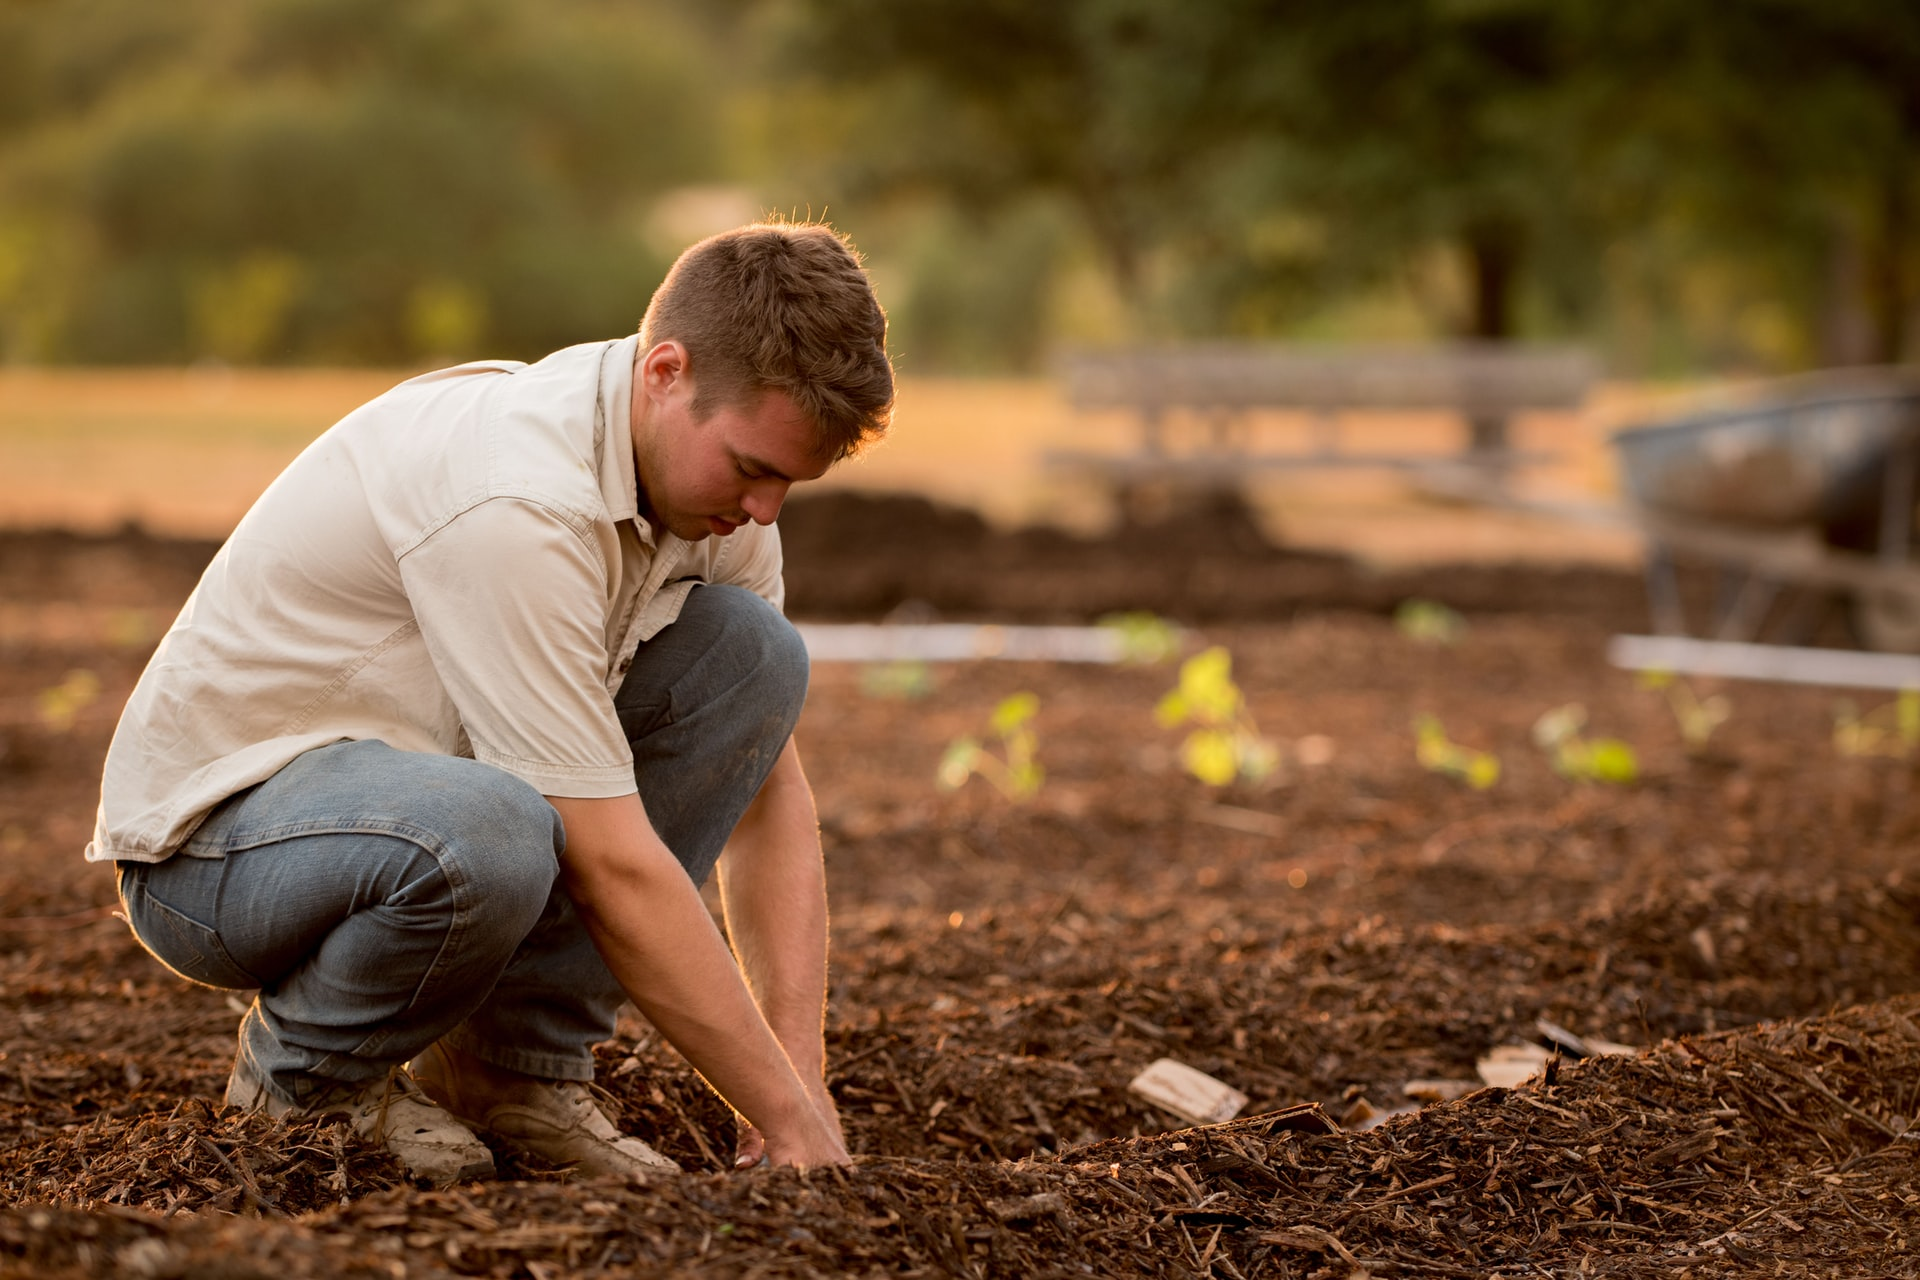 mężczyzna sadzący nasiona pomidorów w ziemi